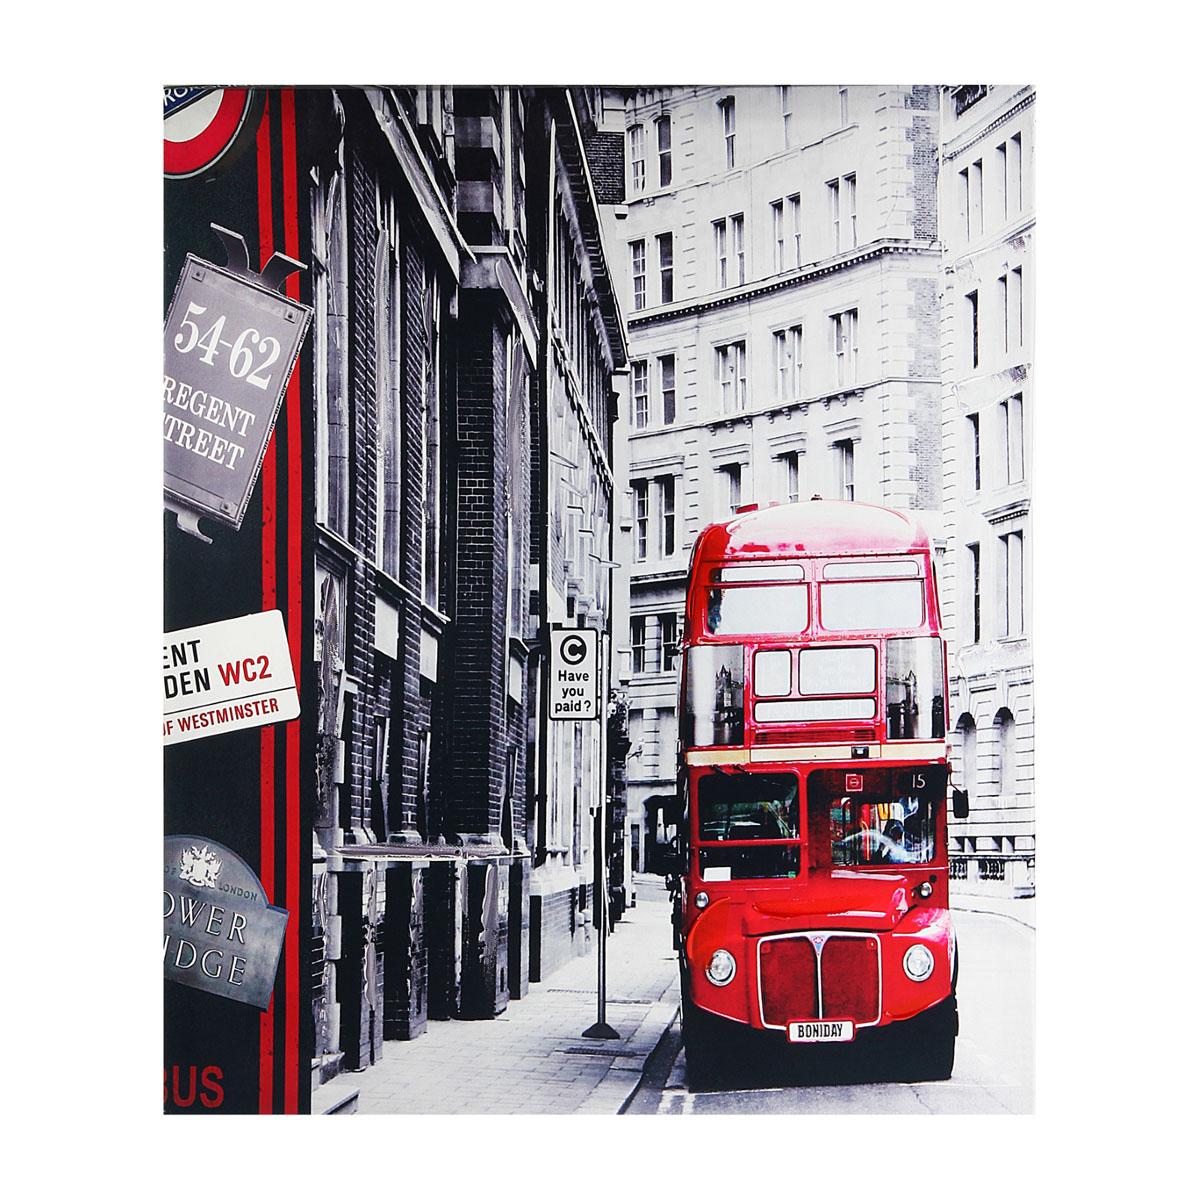 Картина на холсте Sima-land Красный автобус, 50 см х 40 см296664Картина Sima-land Красный автобус написана на холсте. На картине изображены черно-белые здания и красный автобус. Особое объемное изображение придает картине акрил, который нанесен поверх изображения. Картина на холсте акрилом - это классика современного живописного искусства. Картины акрилом всегда сохраняют яркий блеск, что придает картине живость. Из мелочей складывается стиль интерьера.Картина на холсте Sima-land Красный автобус одна из тех деталей, которые придают дому обжитой вид и создают ощущение уюта.